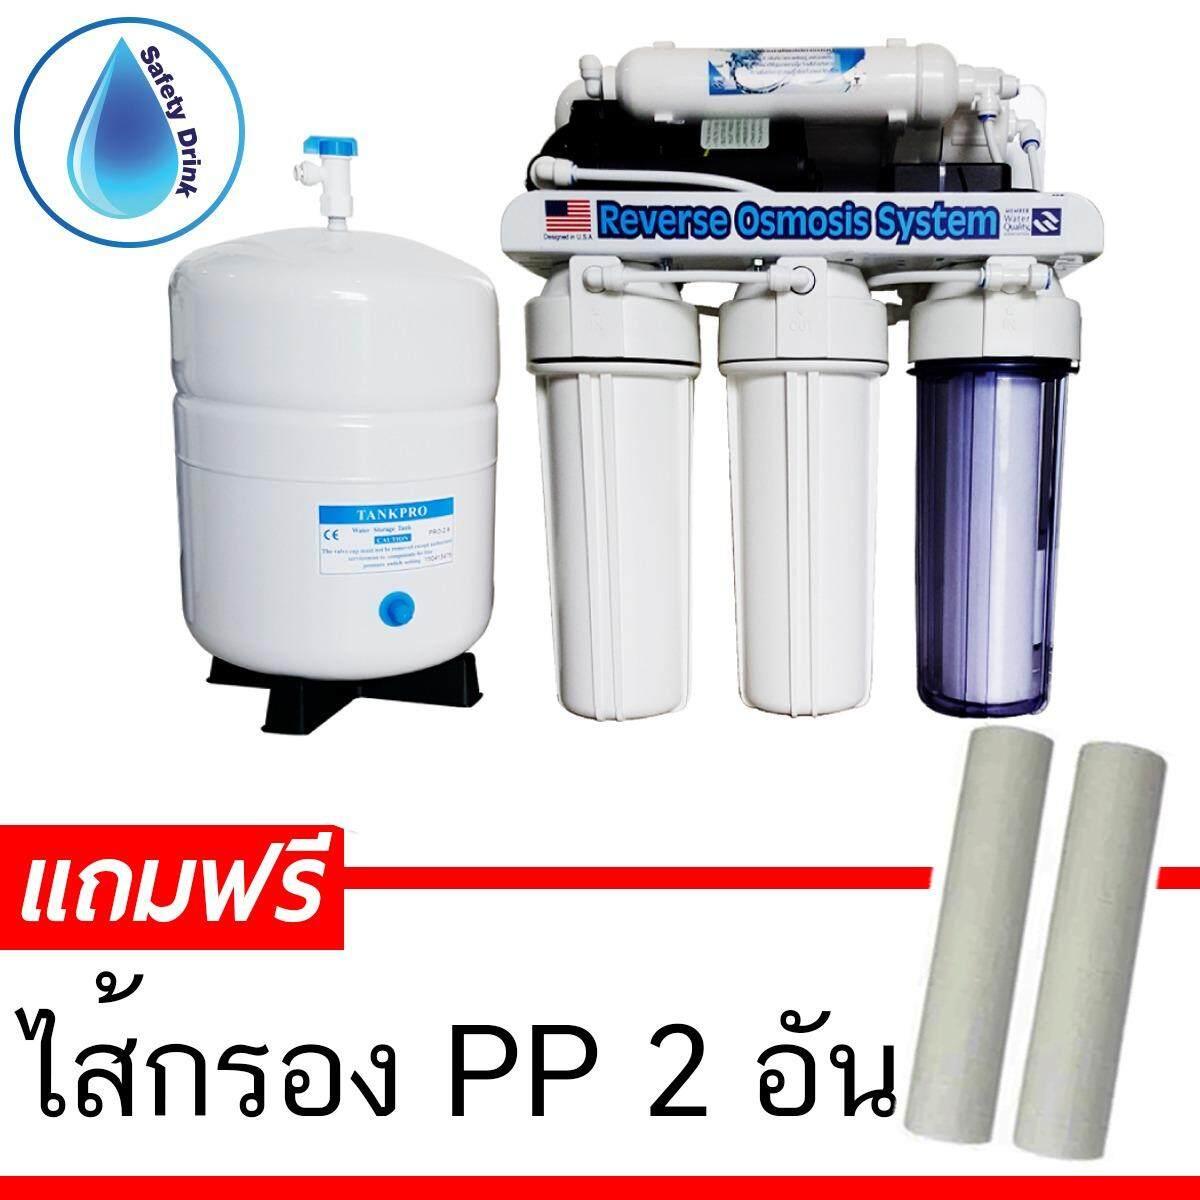 ซื้อ Unipure เครื่องกรองน้ำ Ro 5 ขั้นตอน สีขาว Uni Pure เป็นต้นฉบับ